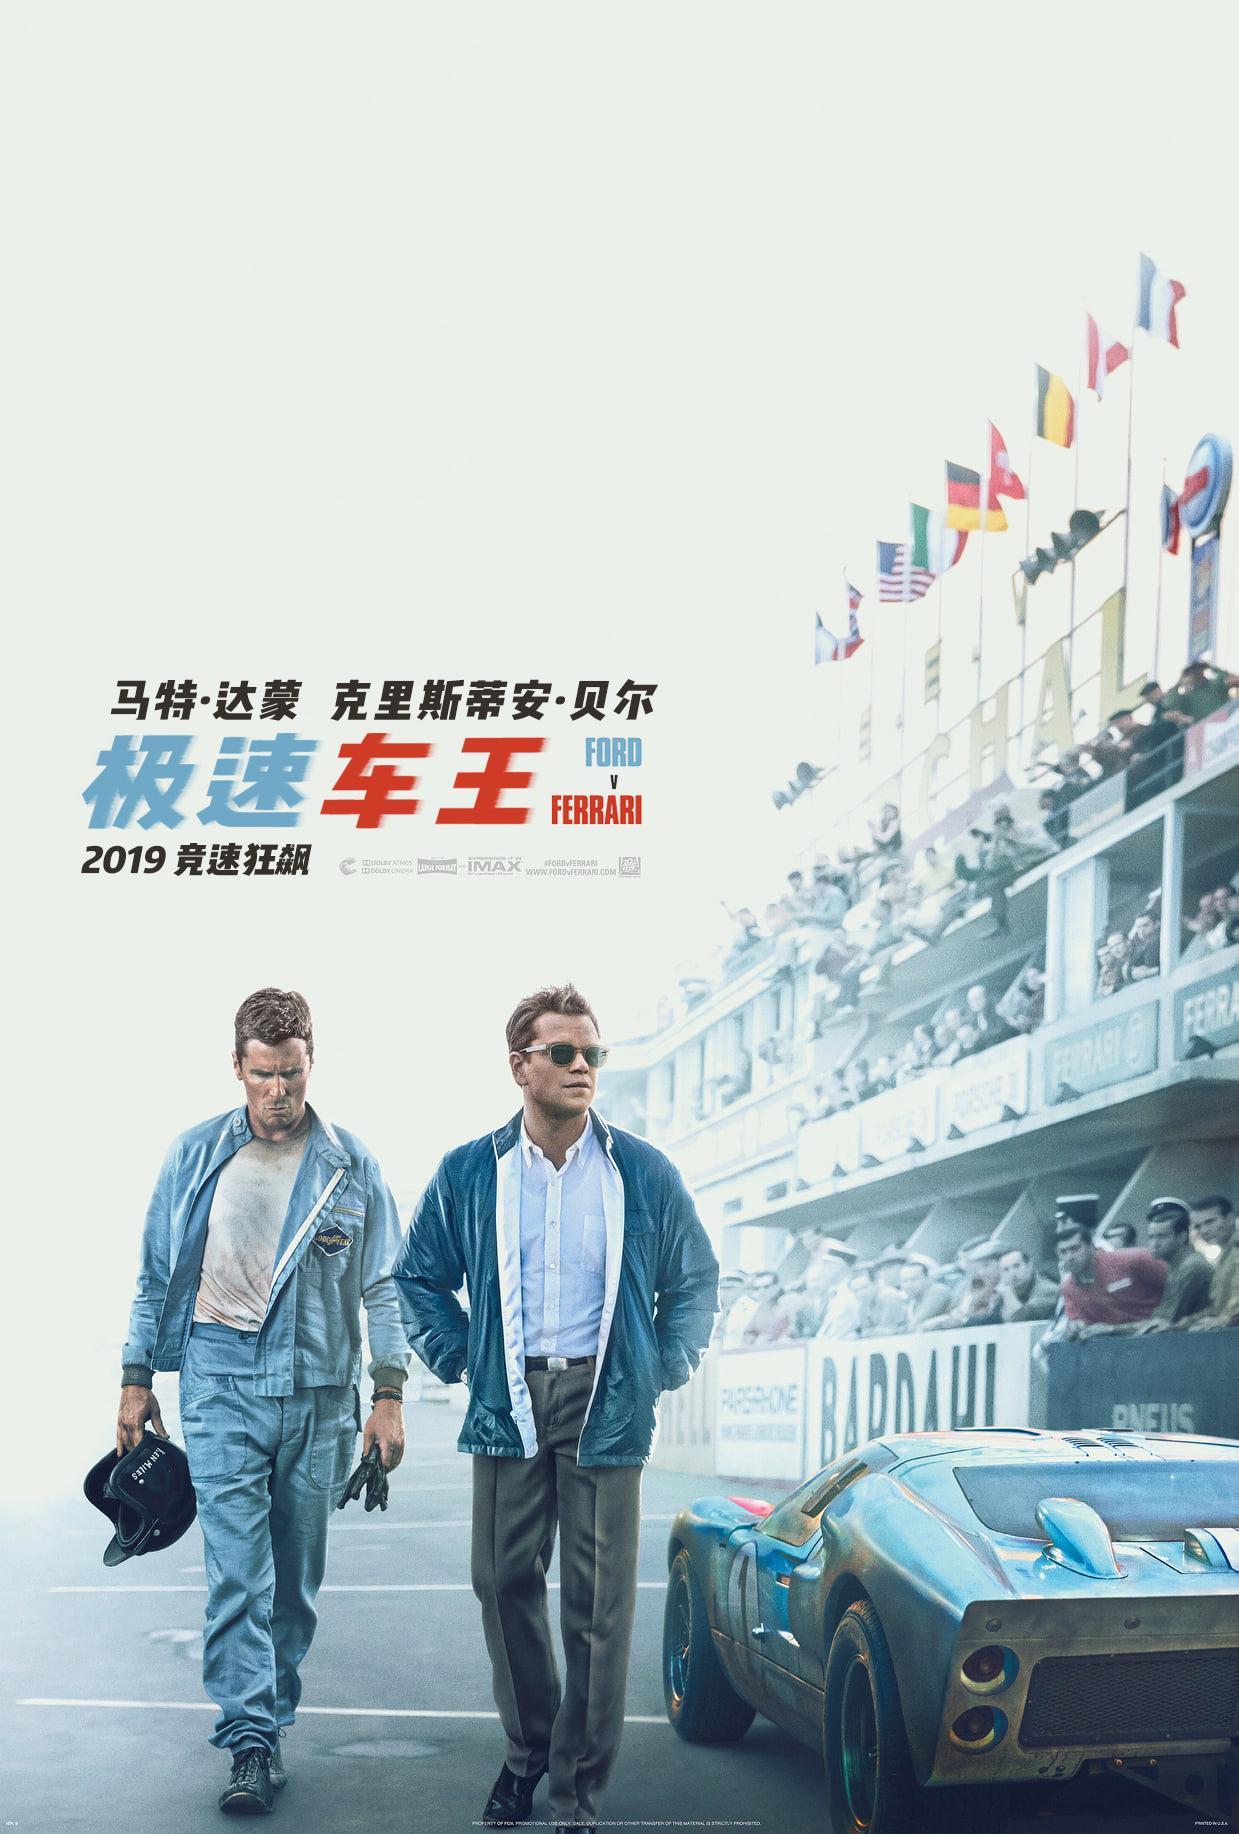 美国商业杂志《Inc》精选2019年10大商业电影,《极速车王》、《美国工厂》上榜插图6